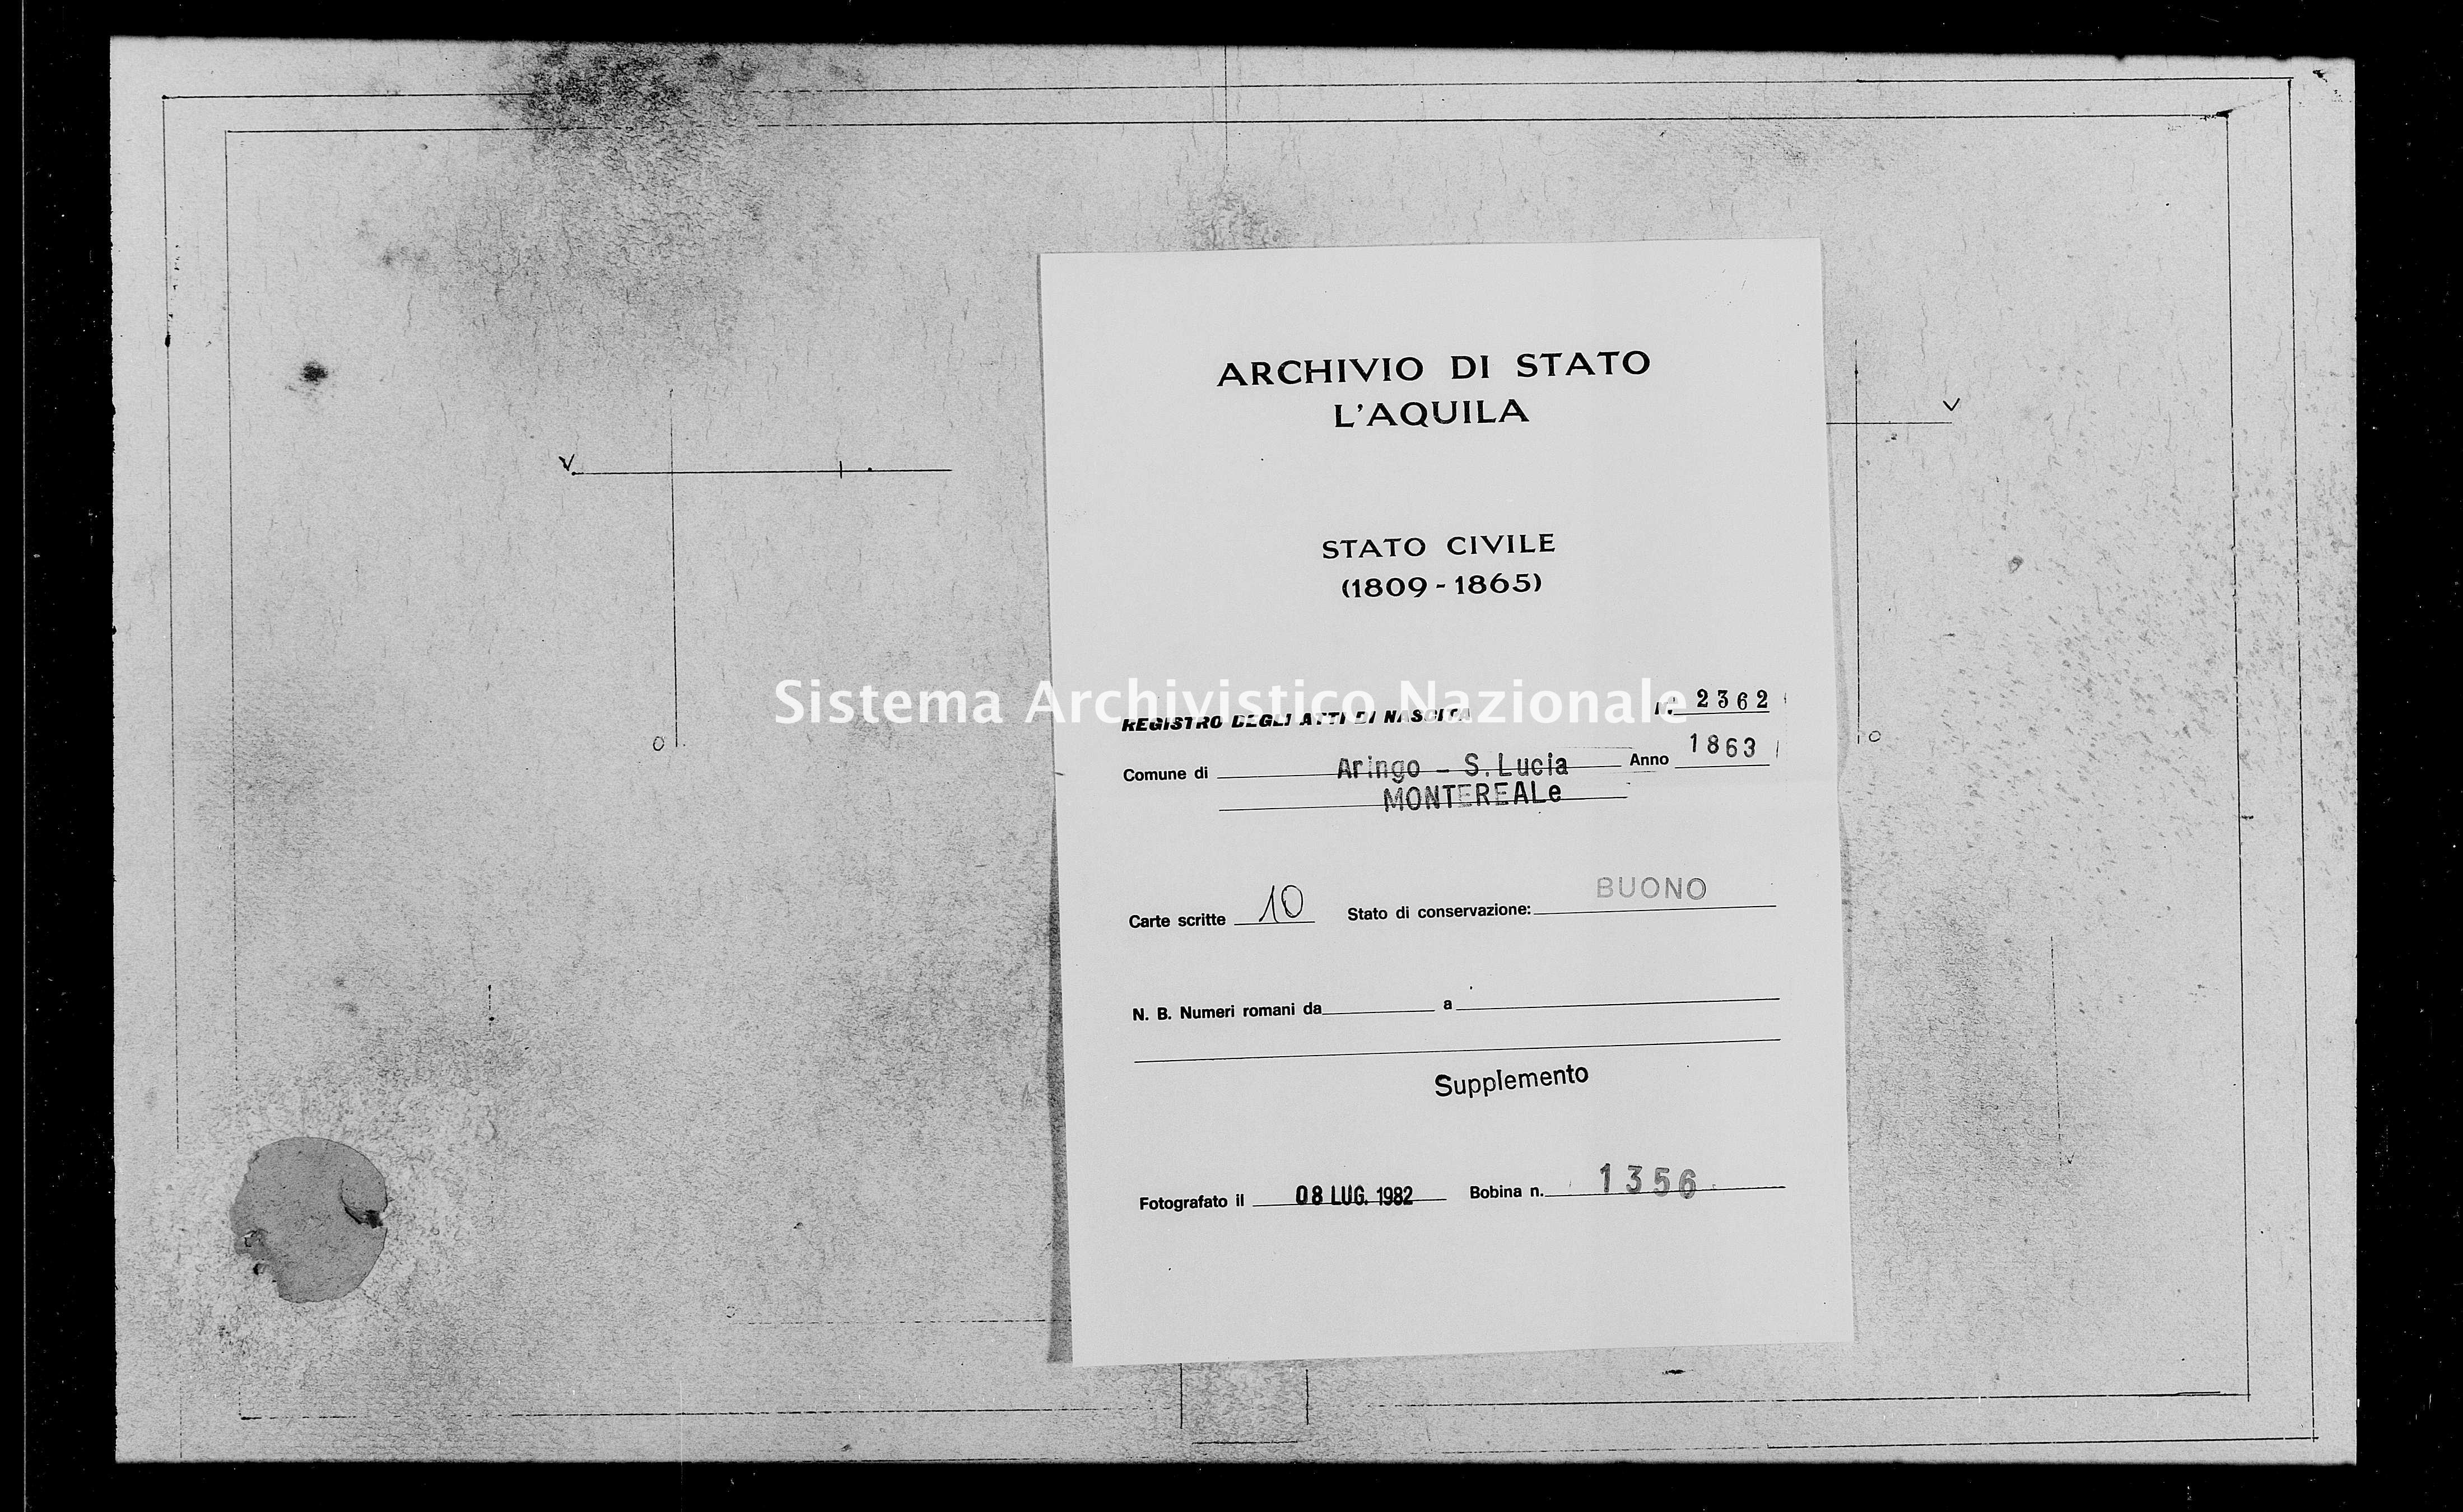 Archivio di stato di L'aquila - Stato civile italiano - Aringo-Santa Lucia - Nati, battesimi - 1863 - 2362 -